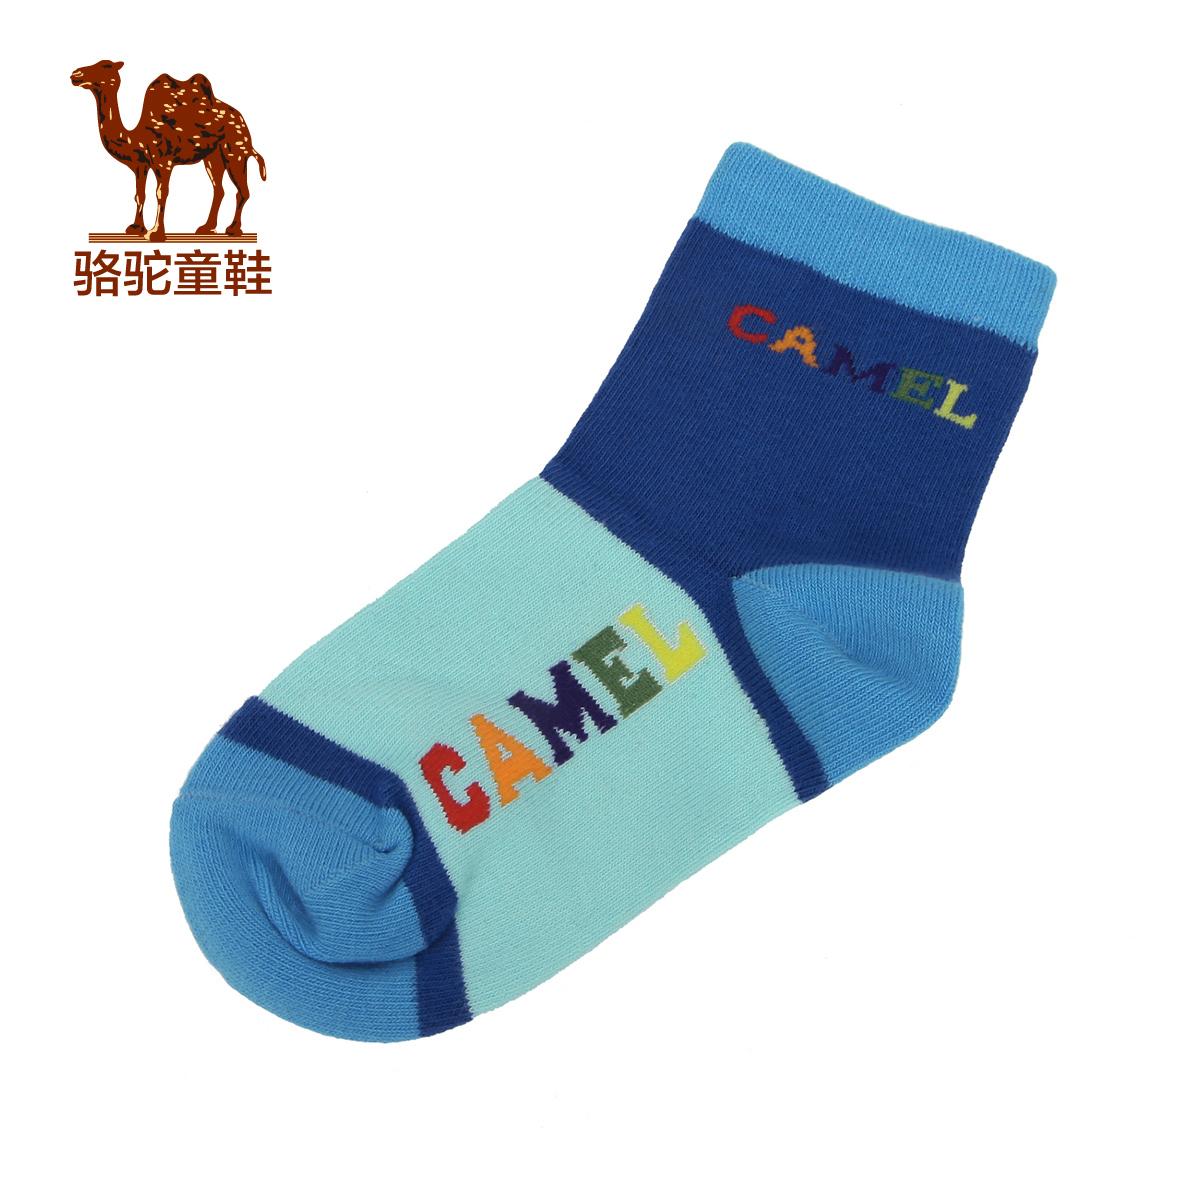 骆驼童装旗舰店_Camel/骆驼品牌